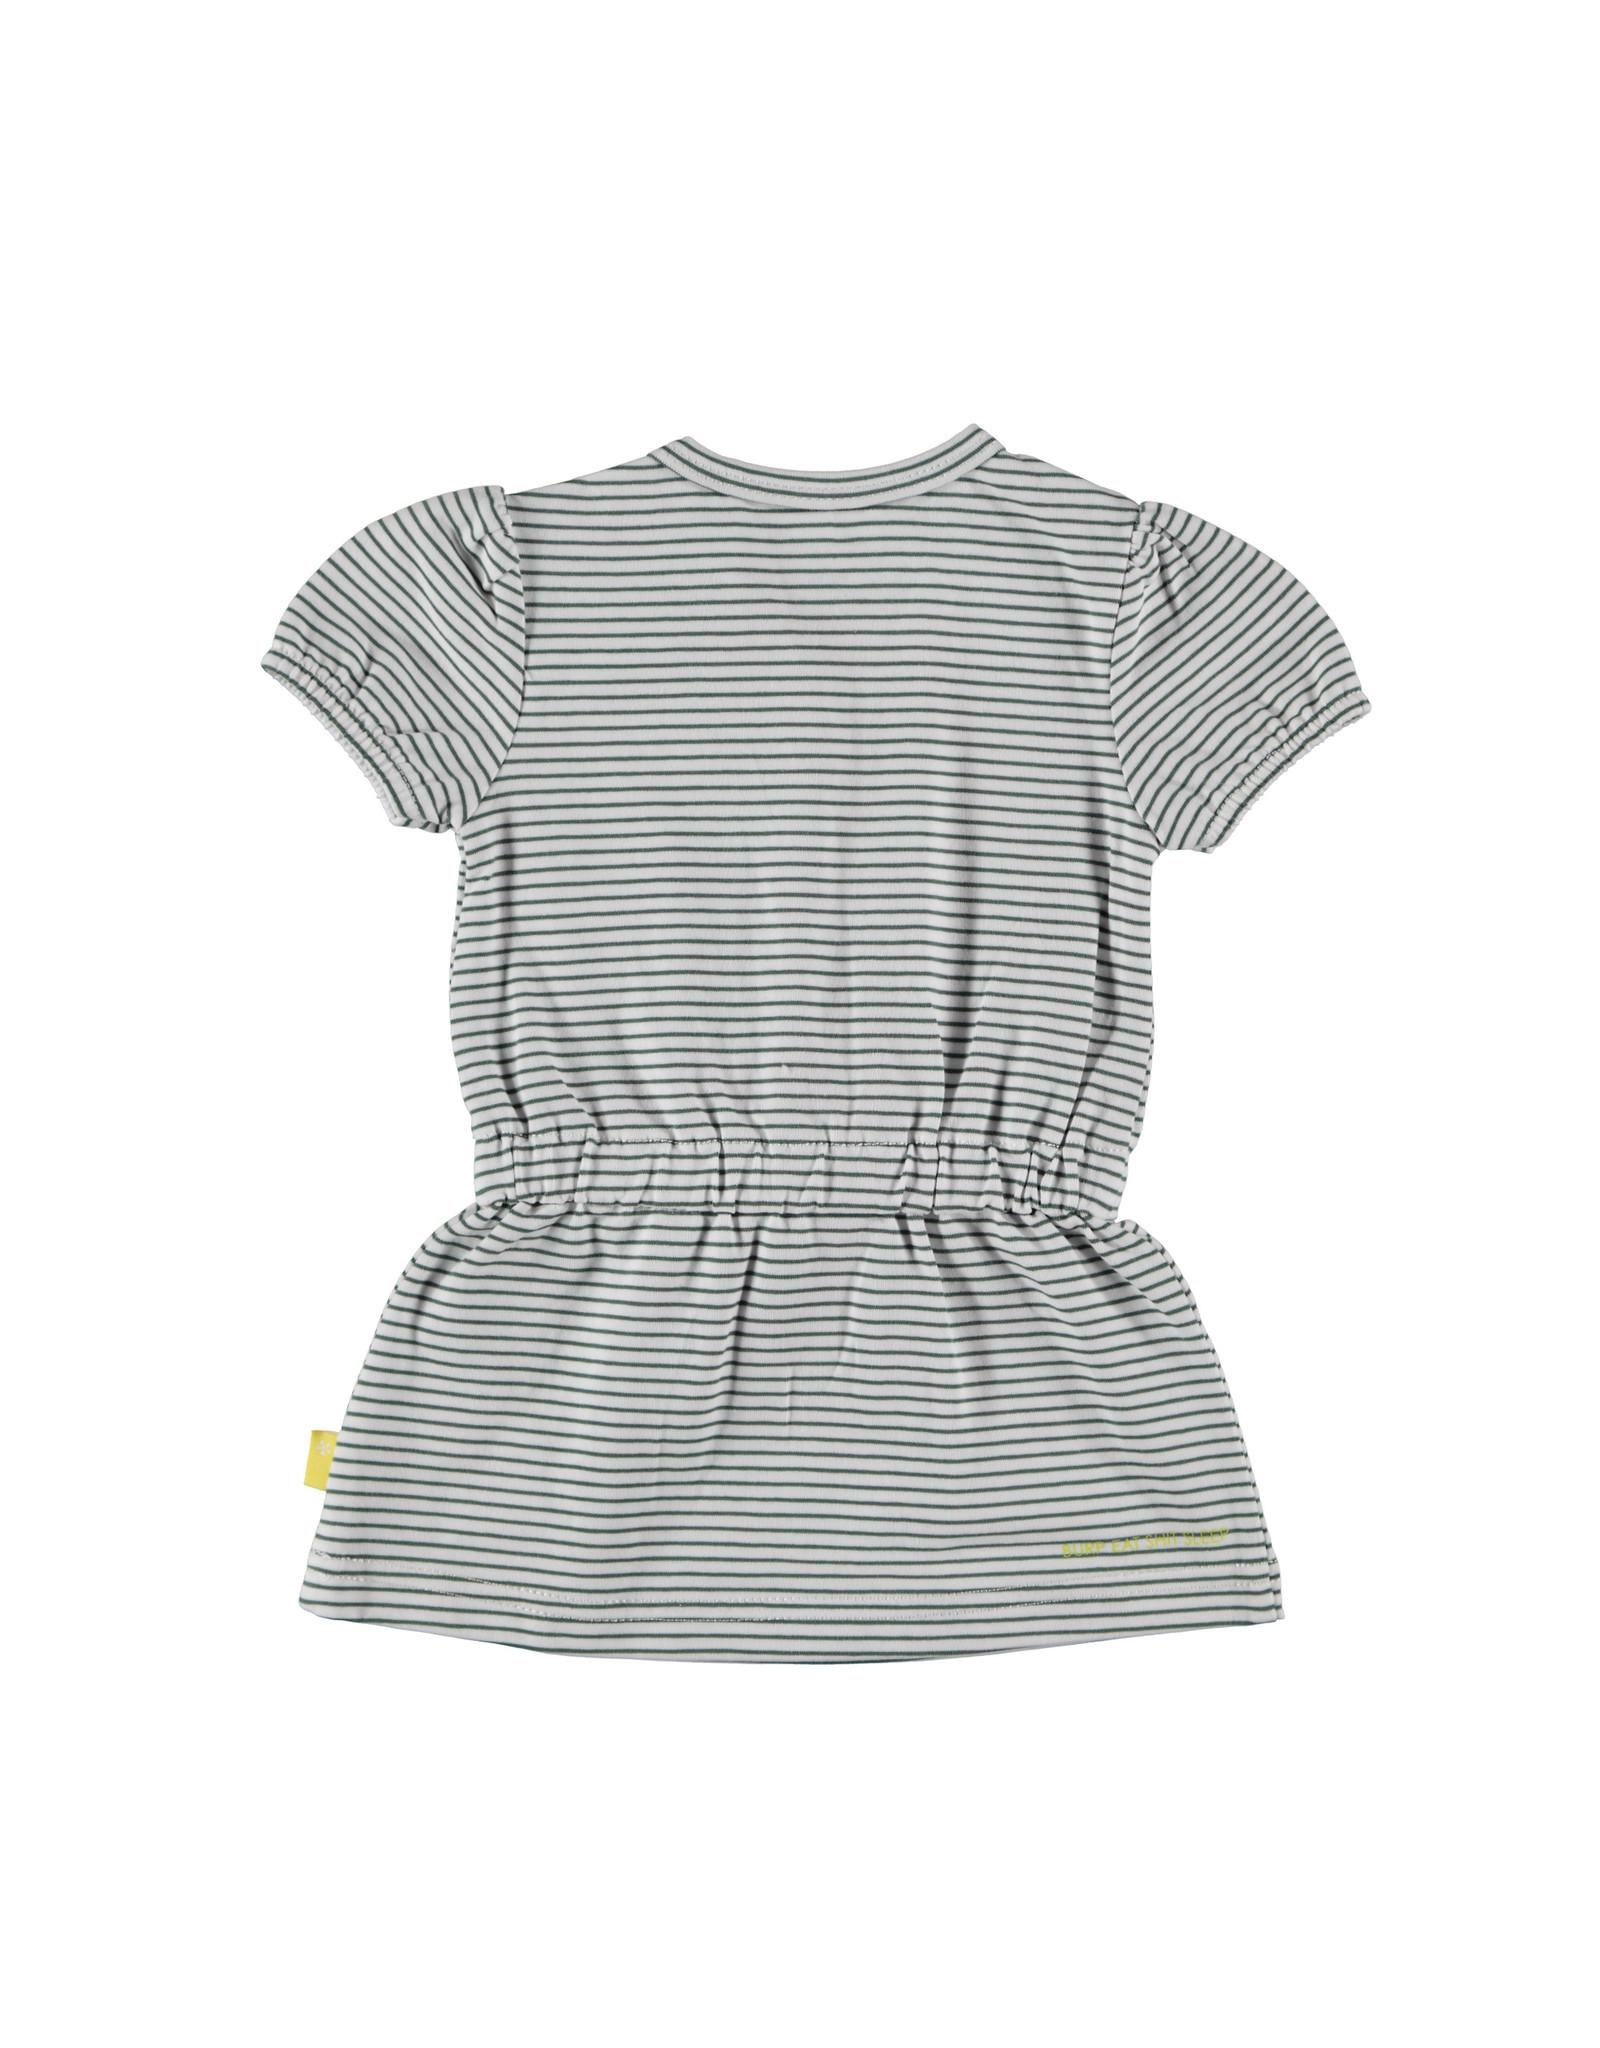 B.E.S.S. Dress sh.sl. Striped, White